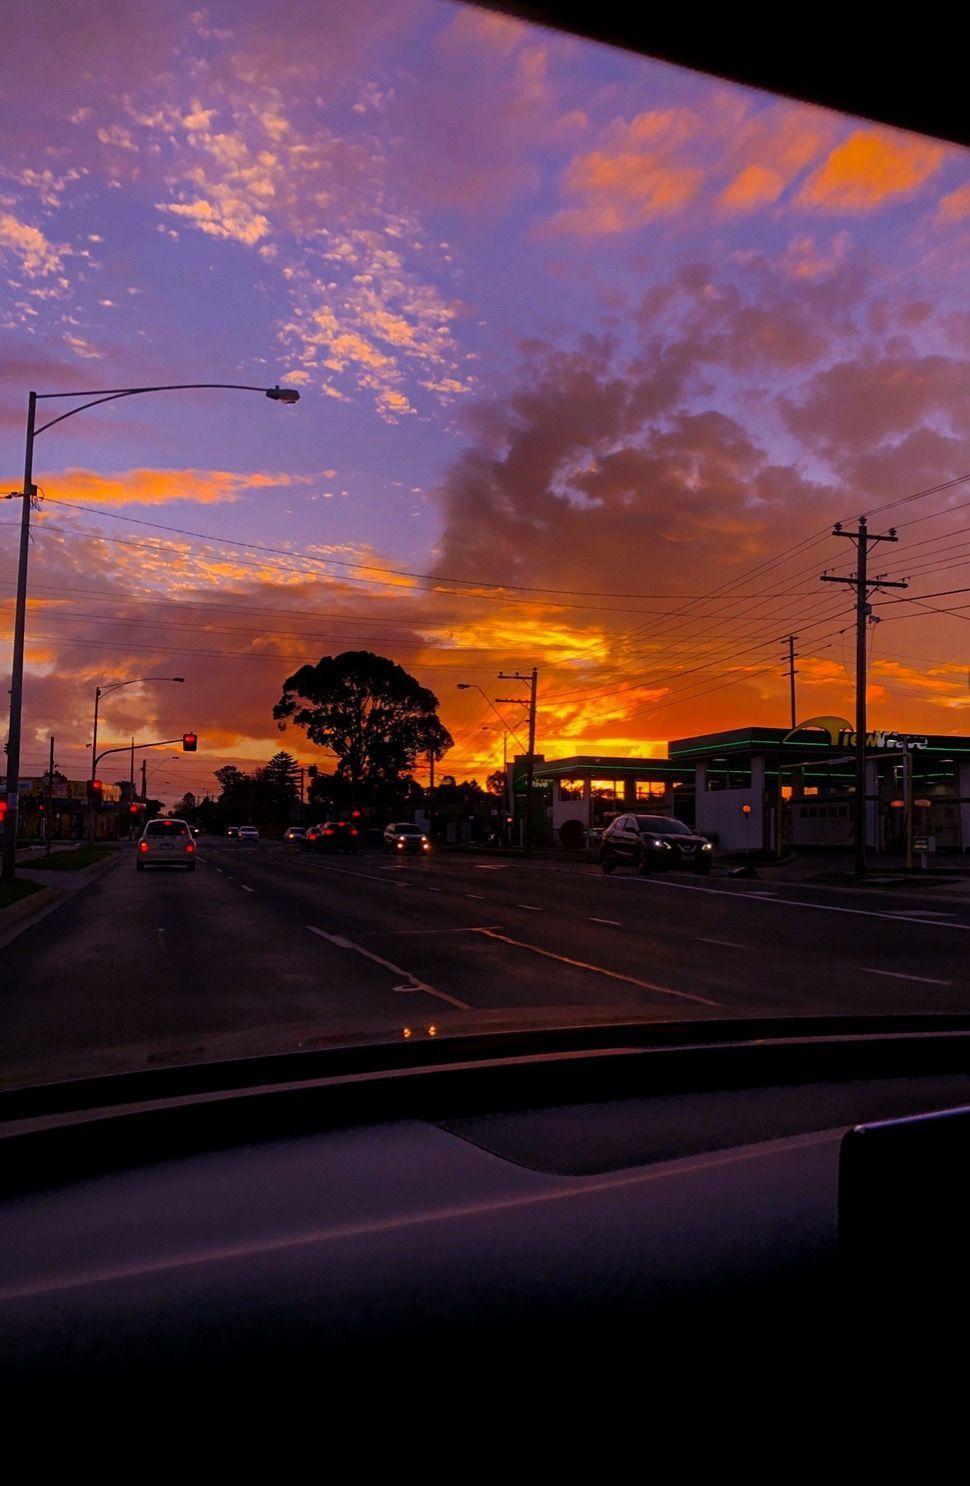 Fashion Photography Sunset Aesthetic Orange Sunset Aesthetic Orange Vsco Sunset Sunset Sky Aesthetic Sunset Pictures Sunset City